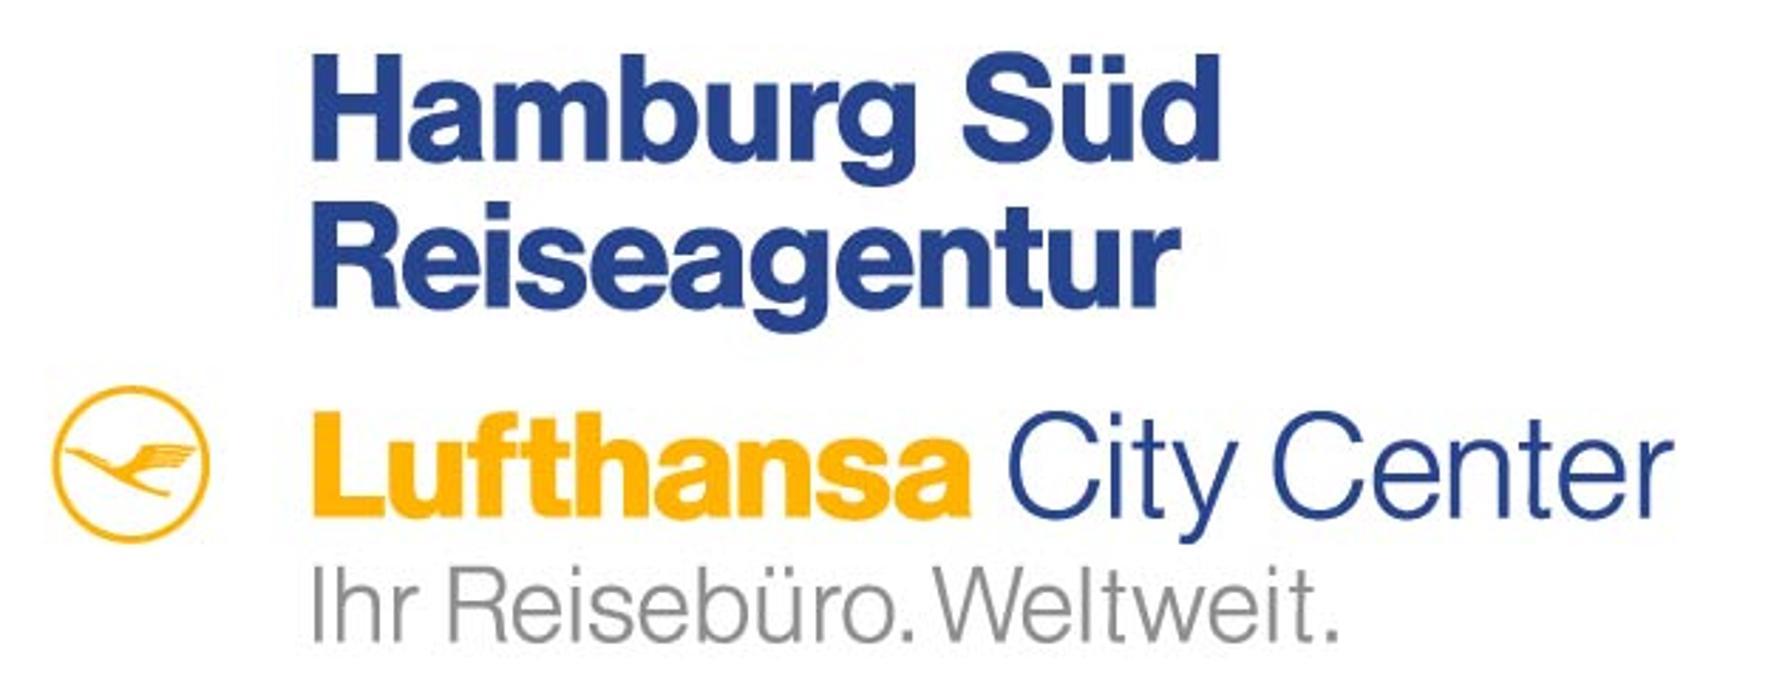 Hamburg Süd Reiseagentur G.m.b.H Lufthansa City Center